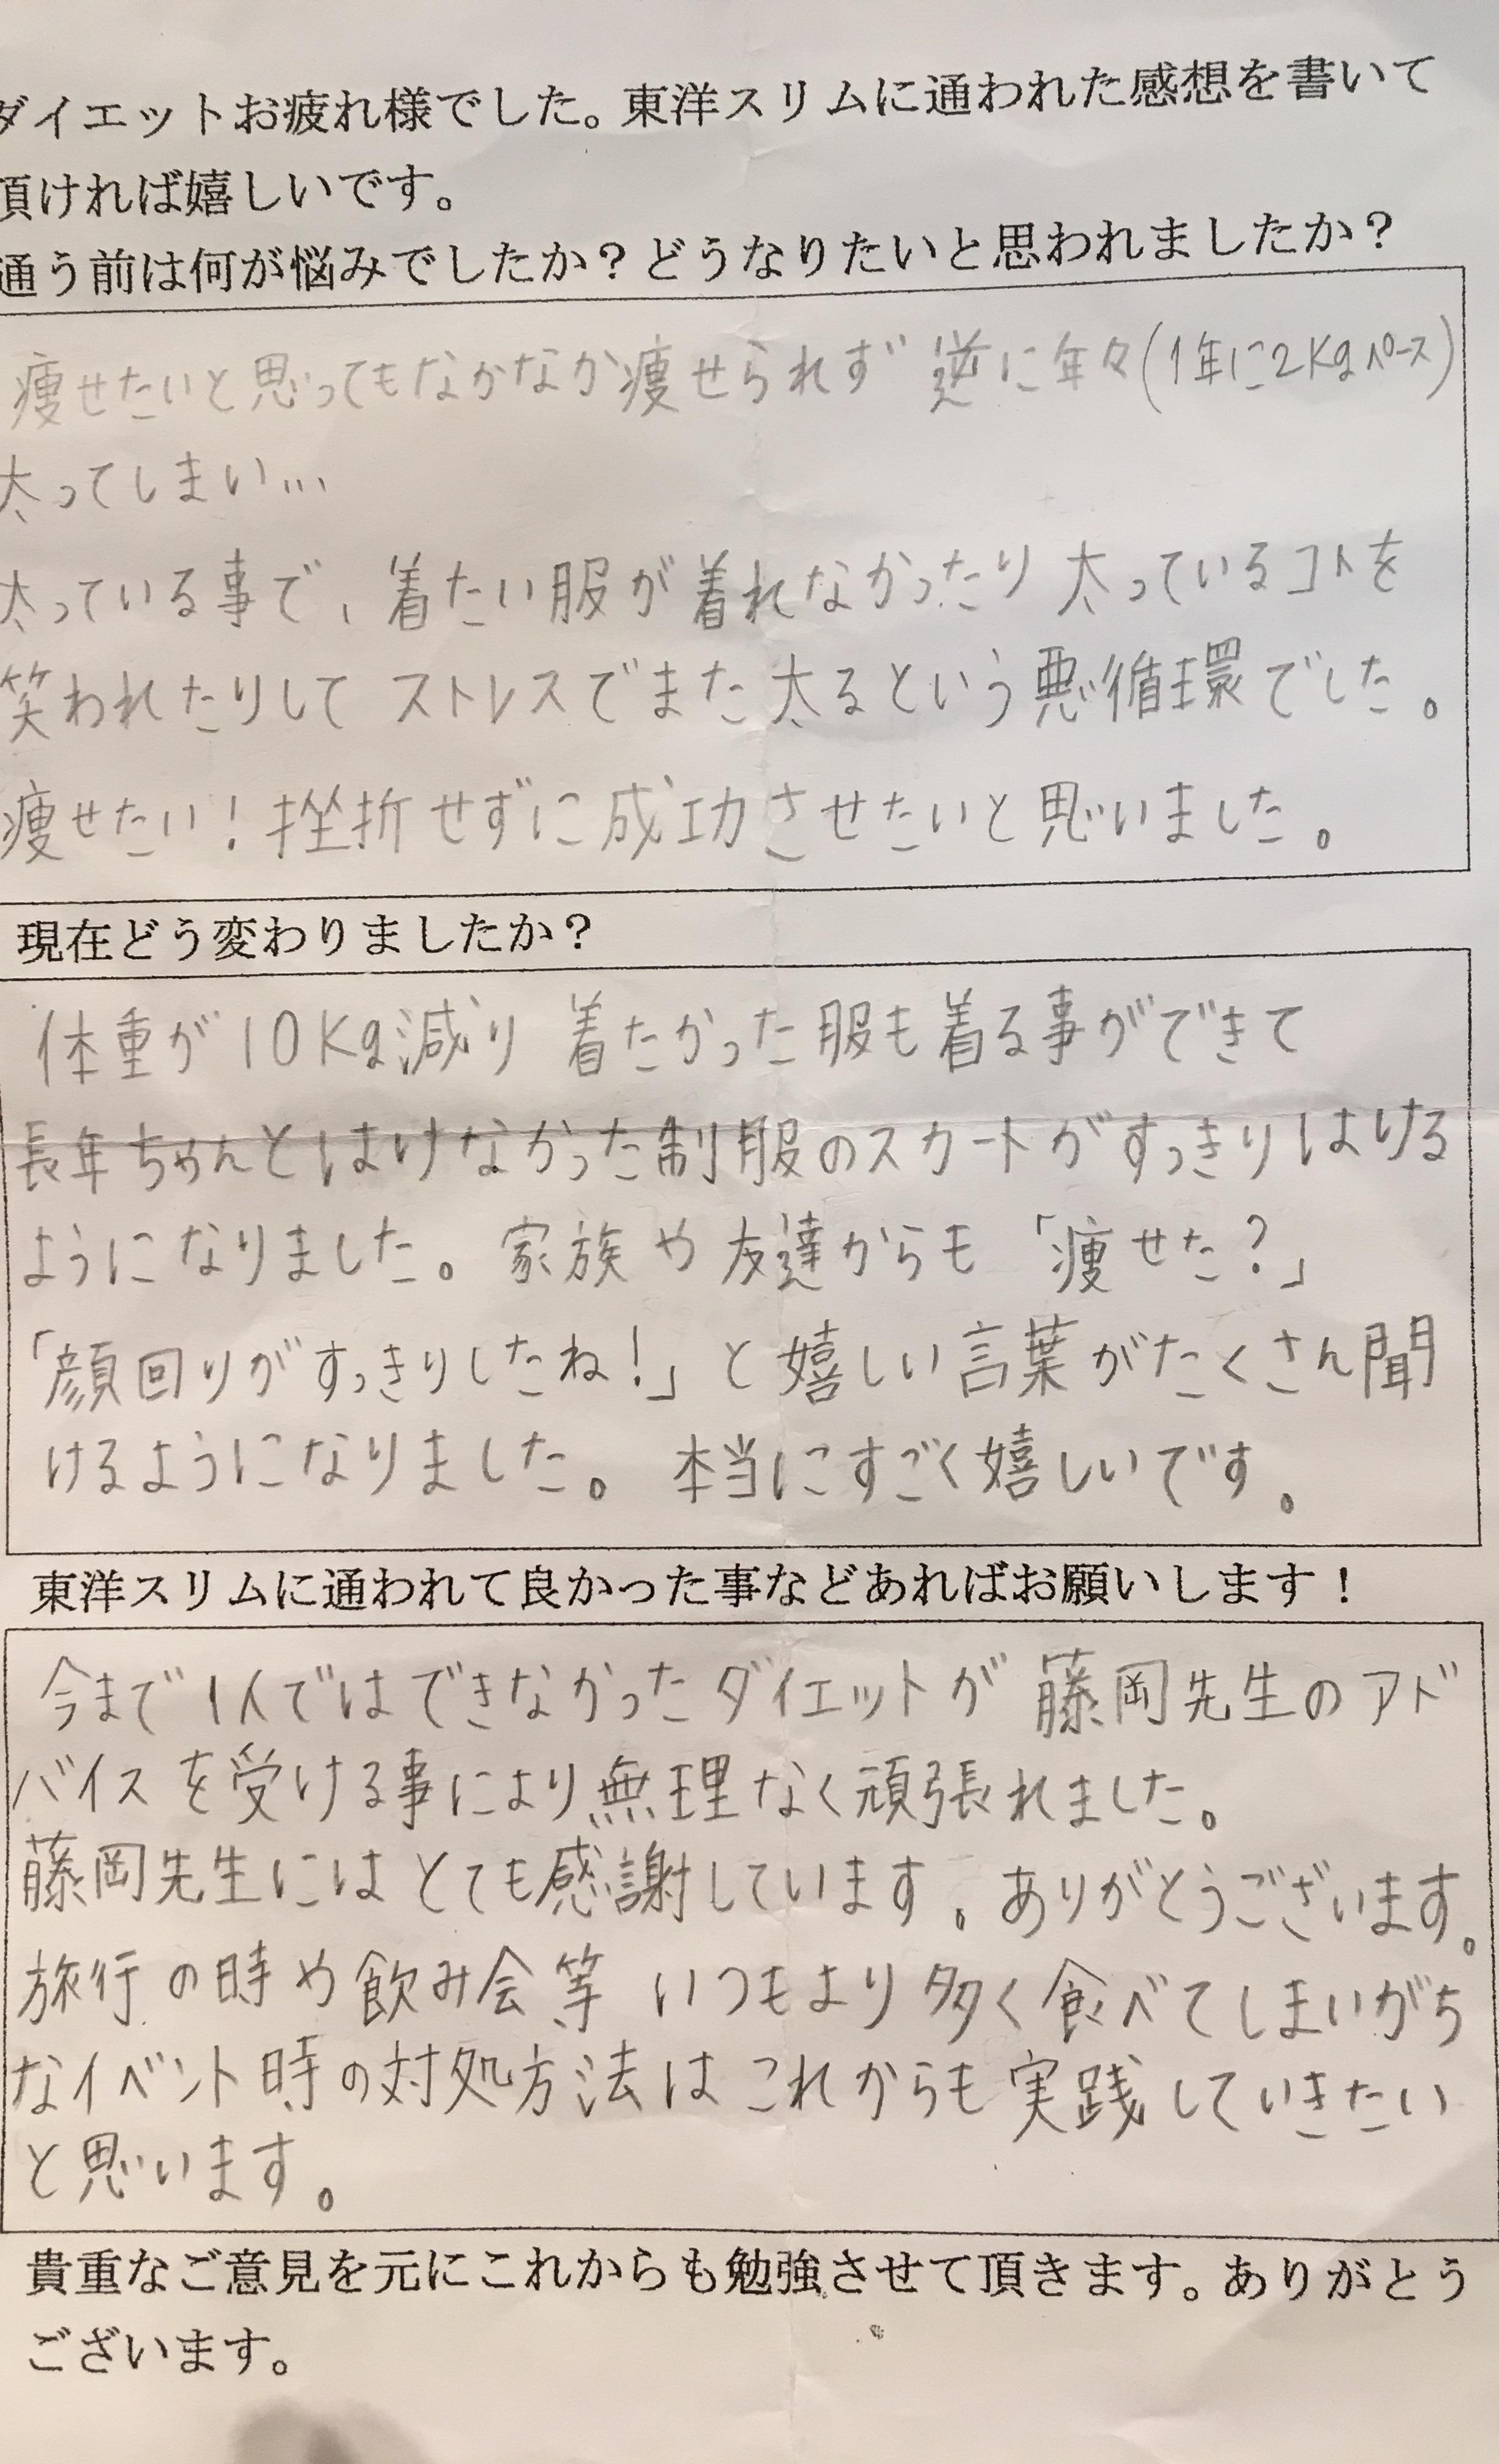 [皆様の声]大阪府八尾市Mさん(30代女性)耳ツボダイエットで11kg痩せる事に成功 制服のスカートがすっきり履ける!